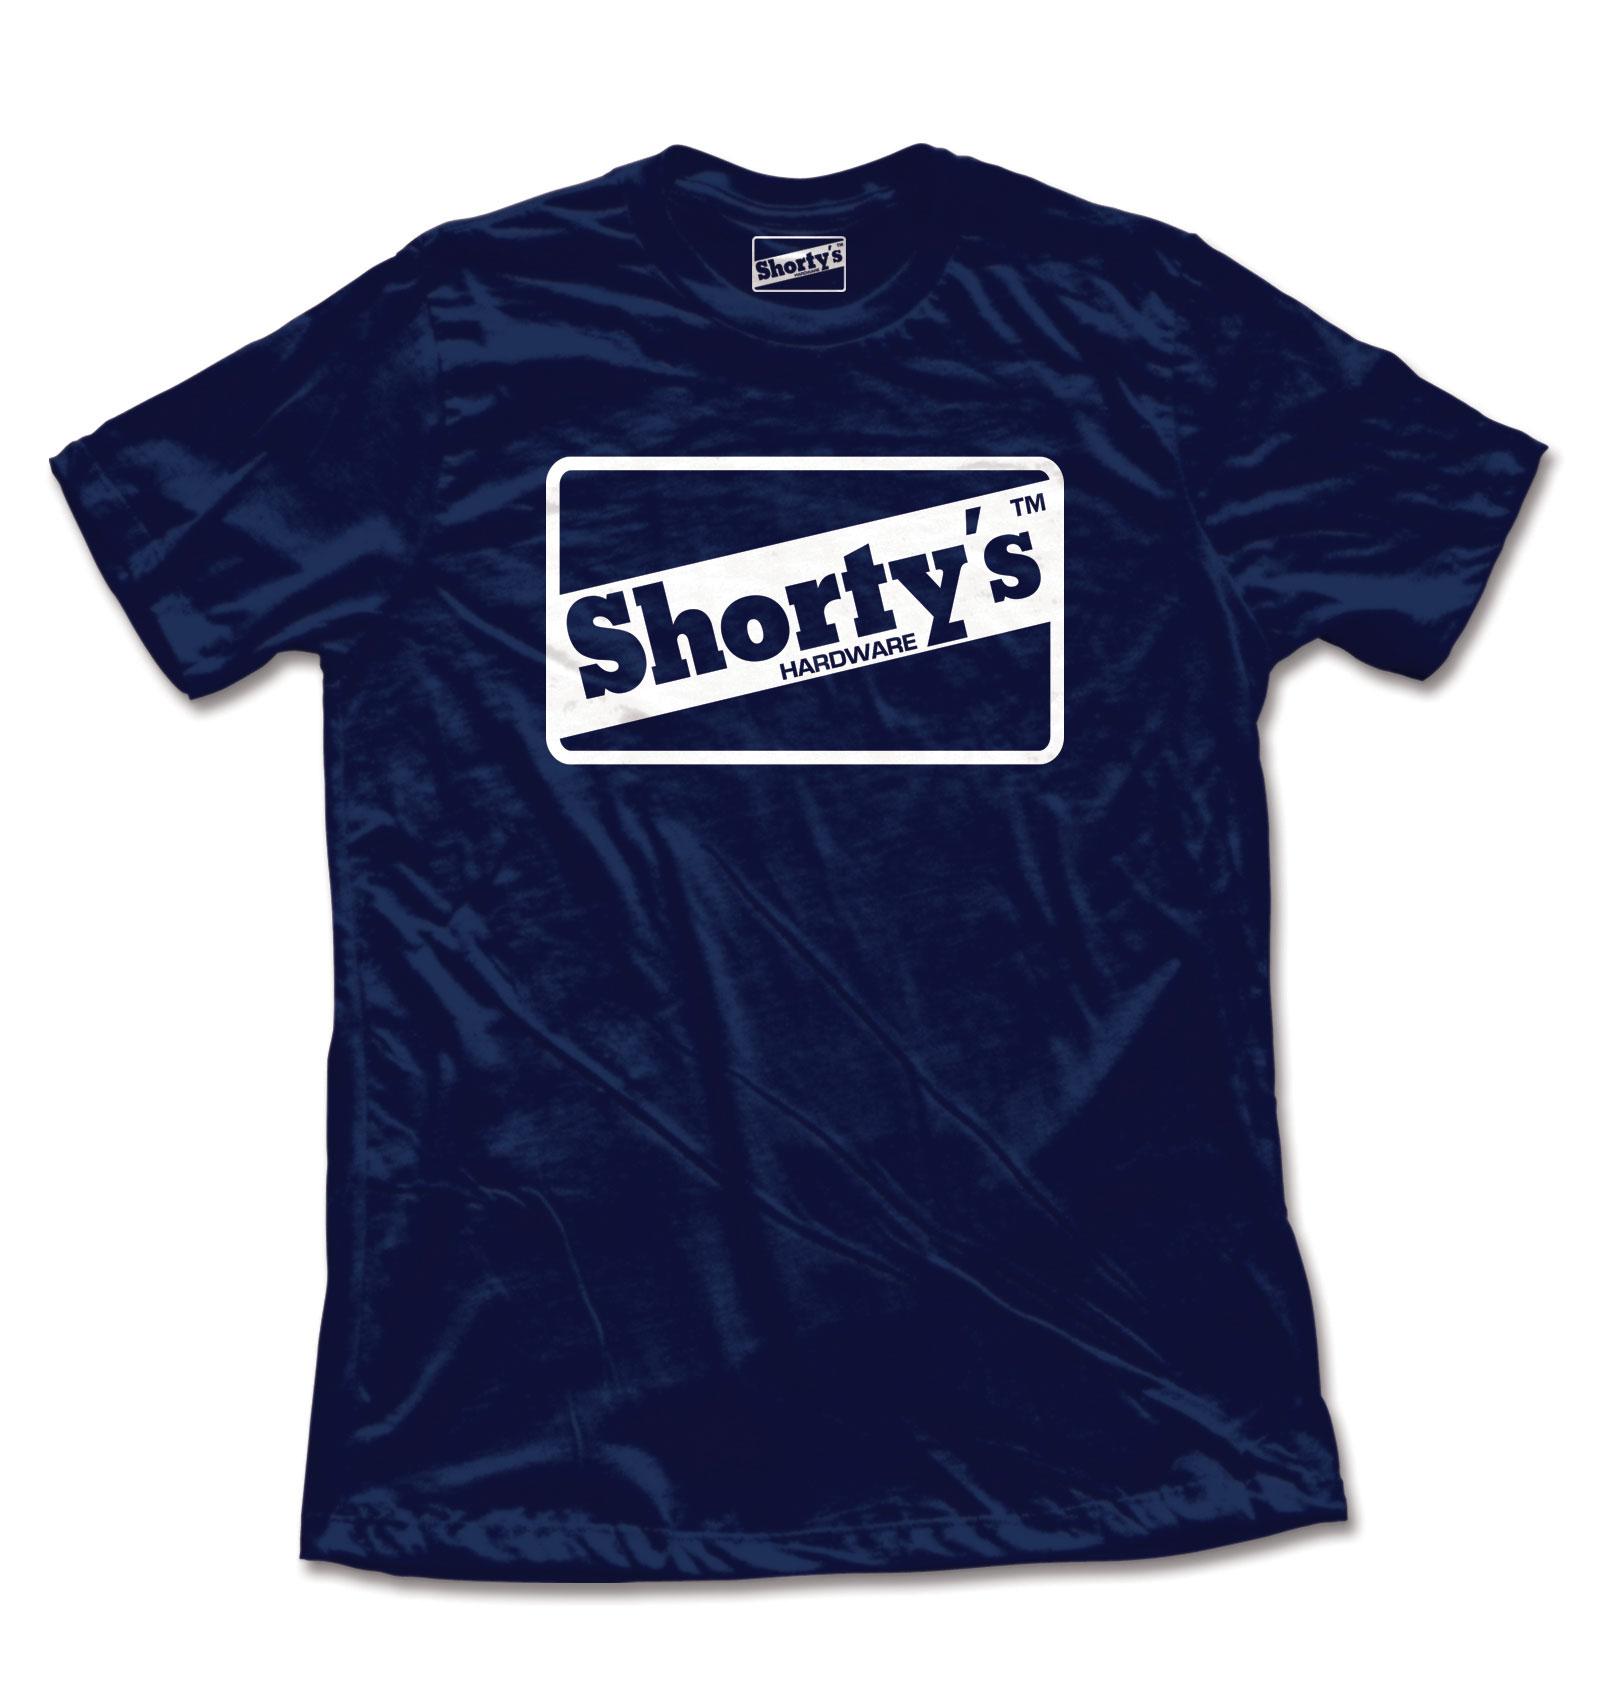 Shortys Shirt OG Outline Black